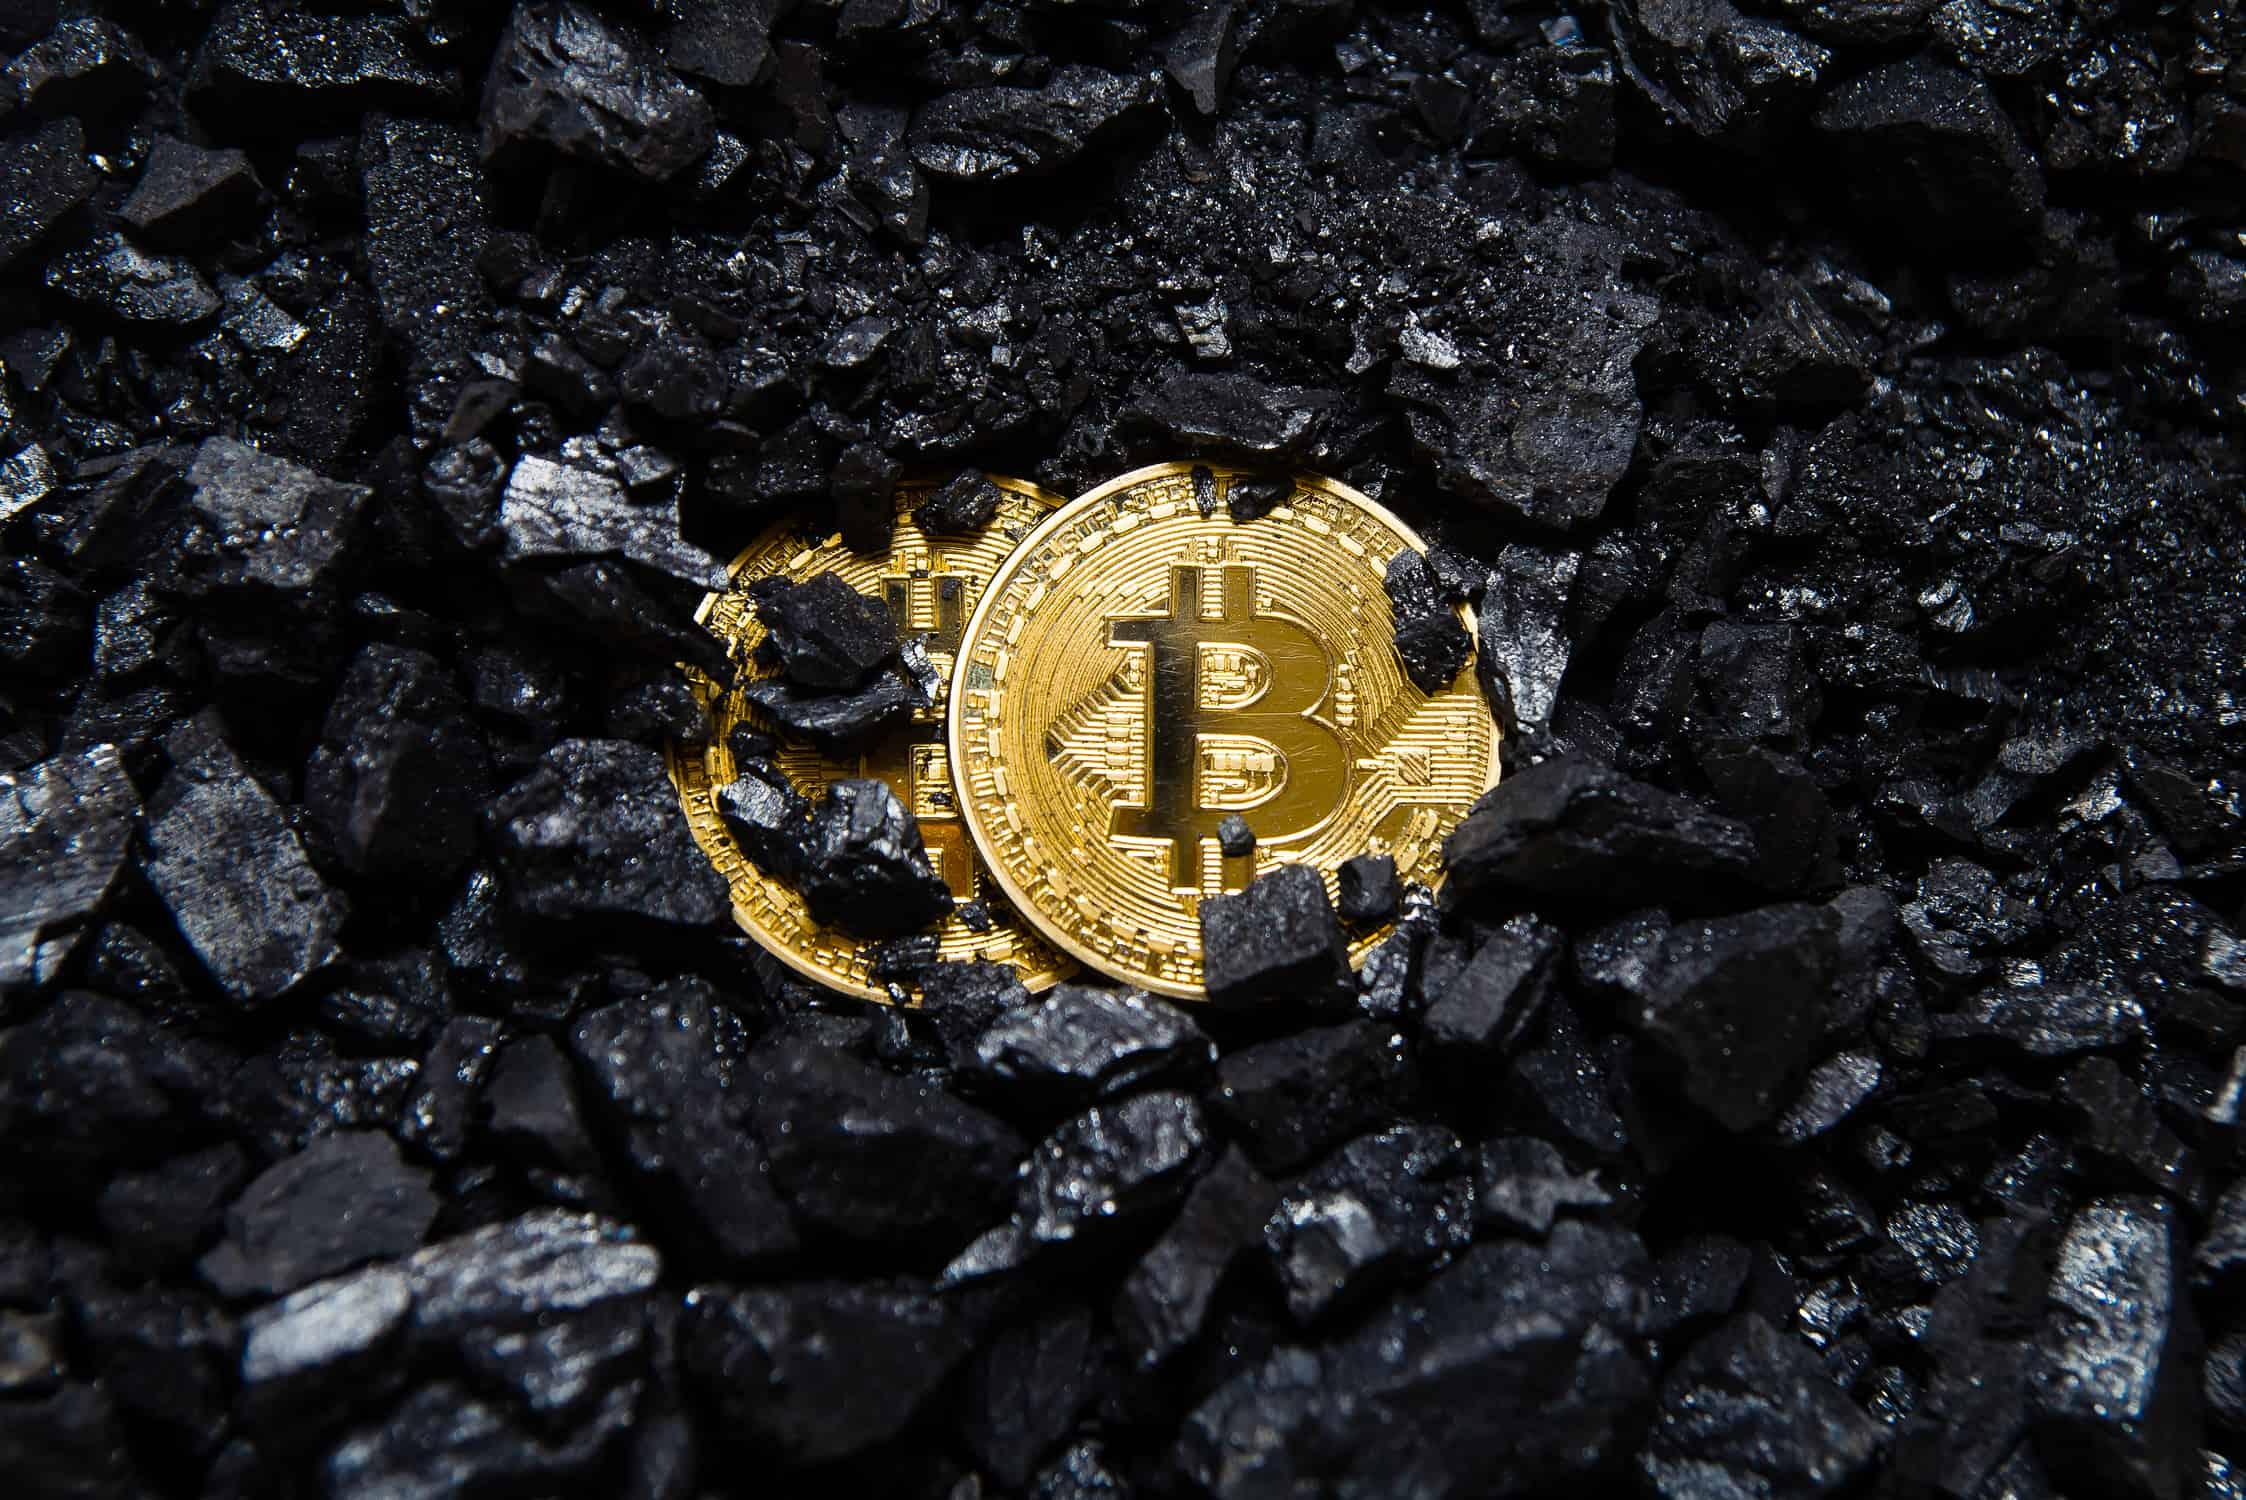 forbes elenca sei modelli aziendali di criptaggio minerario che potrebbero sorprenderti - Forbes elenca sei modelli aziendali di criptaggio minerario che potrebbero sorprenderti